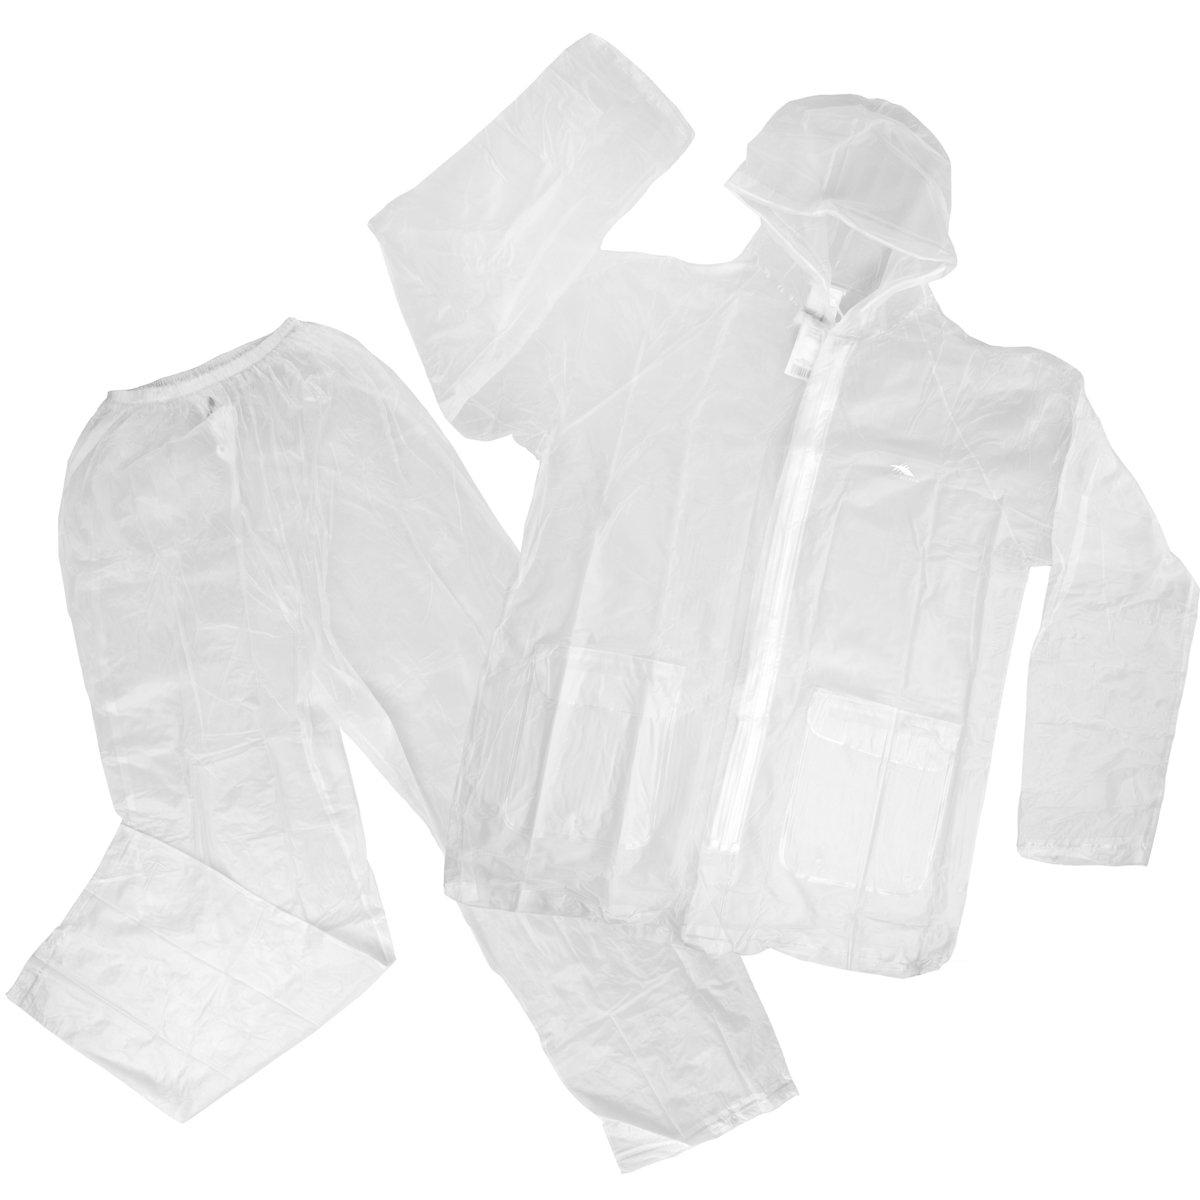 High Sierra 2pc Waterproof Emergency Rain Suit Bottom Jacket Hood Women Men